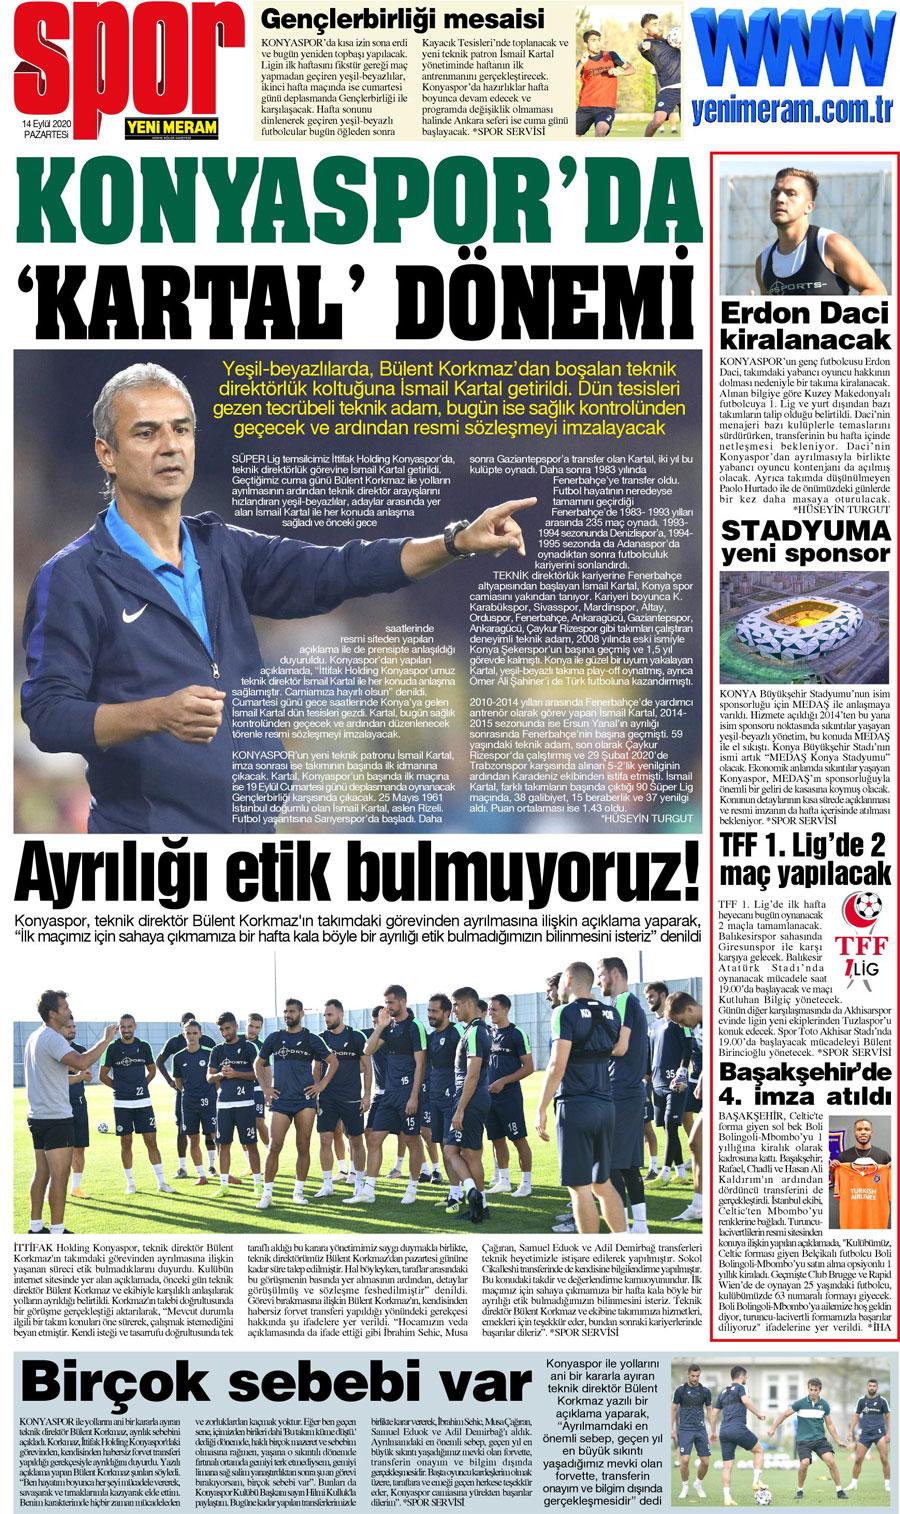 14 Eylül 2020 Yeni Meram Gazetesi